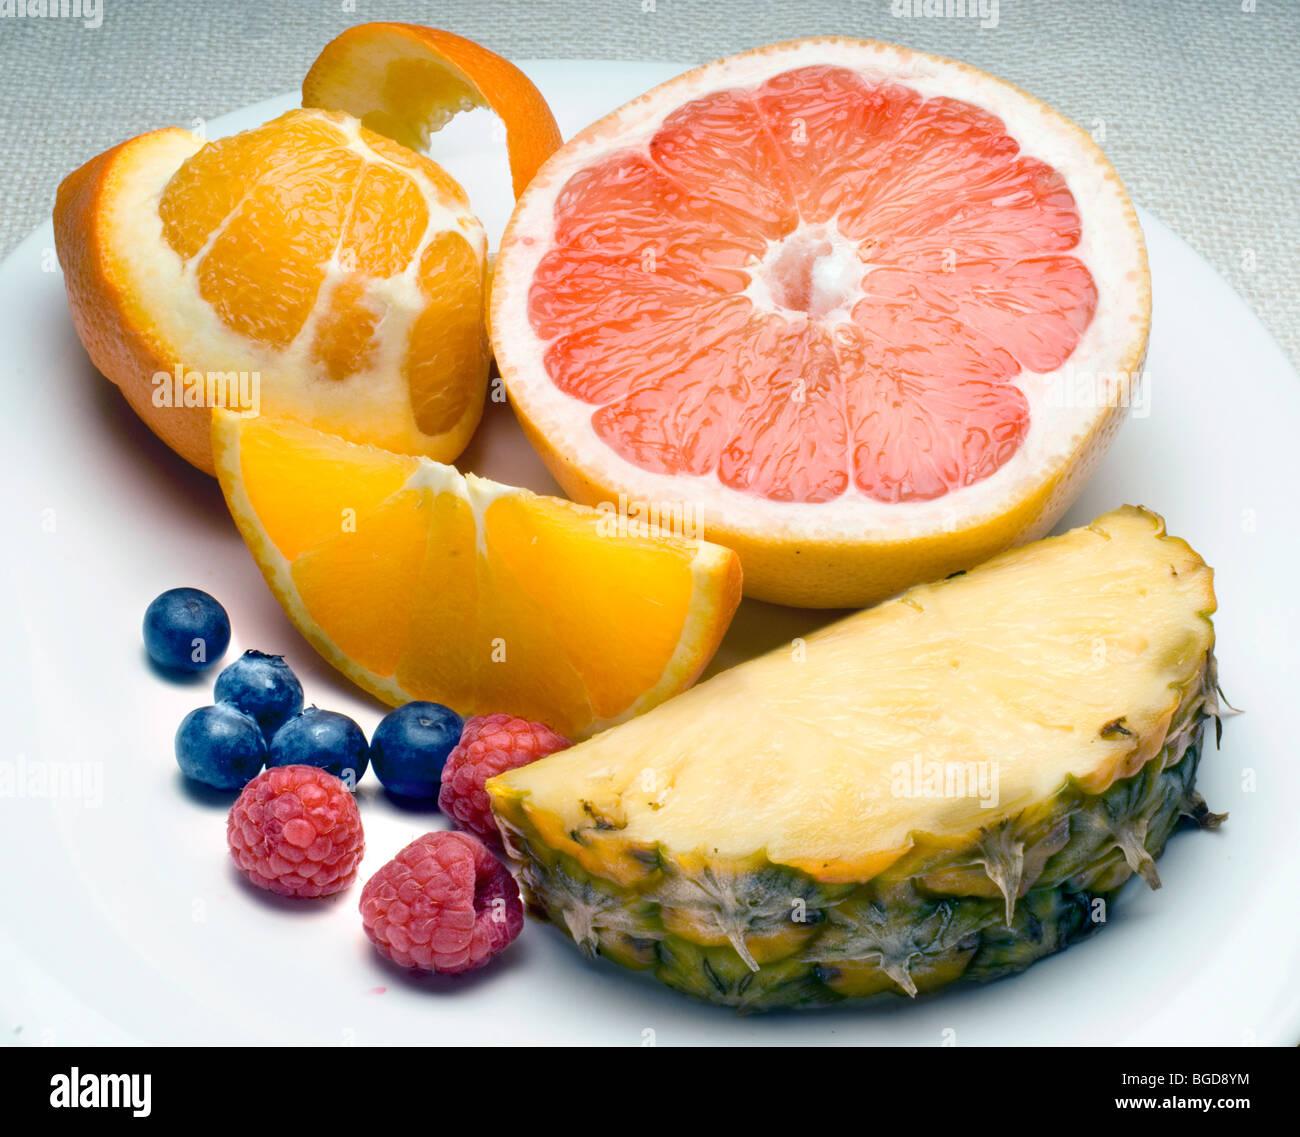 assiette de fruits Photo Stock